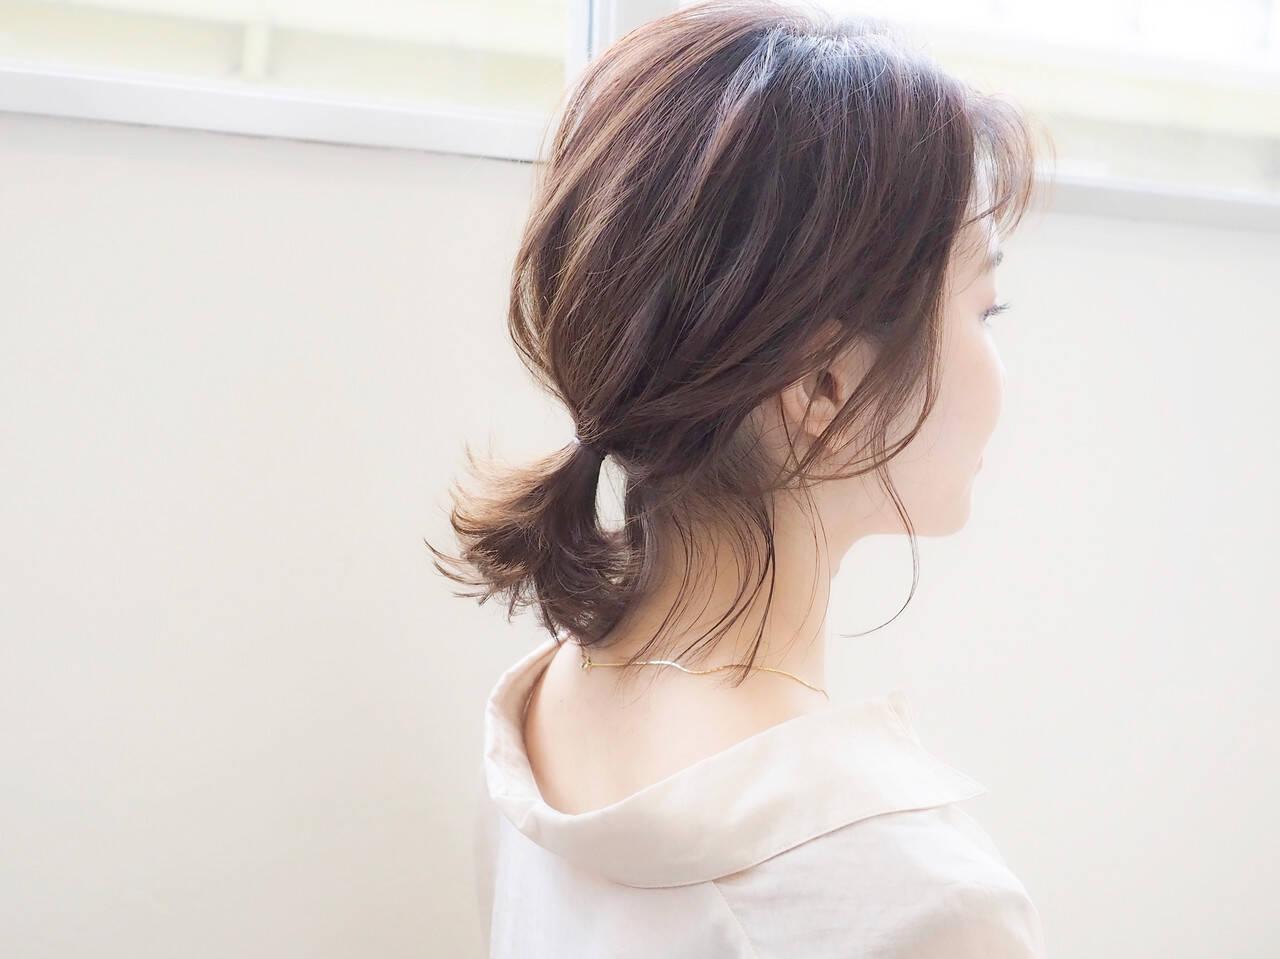 ミルクティーベージュ ポニーテール ボブ ポニーテールアレンジヘアスタイルや髪型の写真・画像